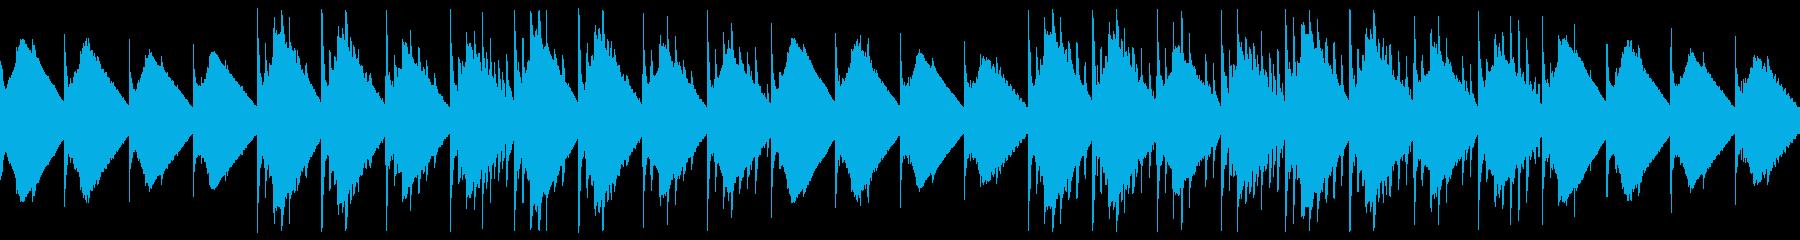 暗い雰囲気の洞窟風チップチューンサウンドの再生済みの波形